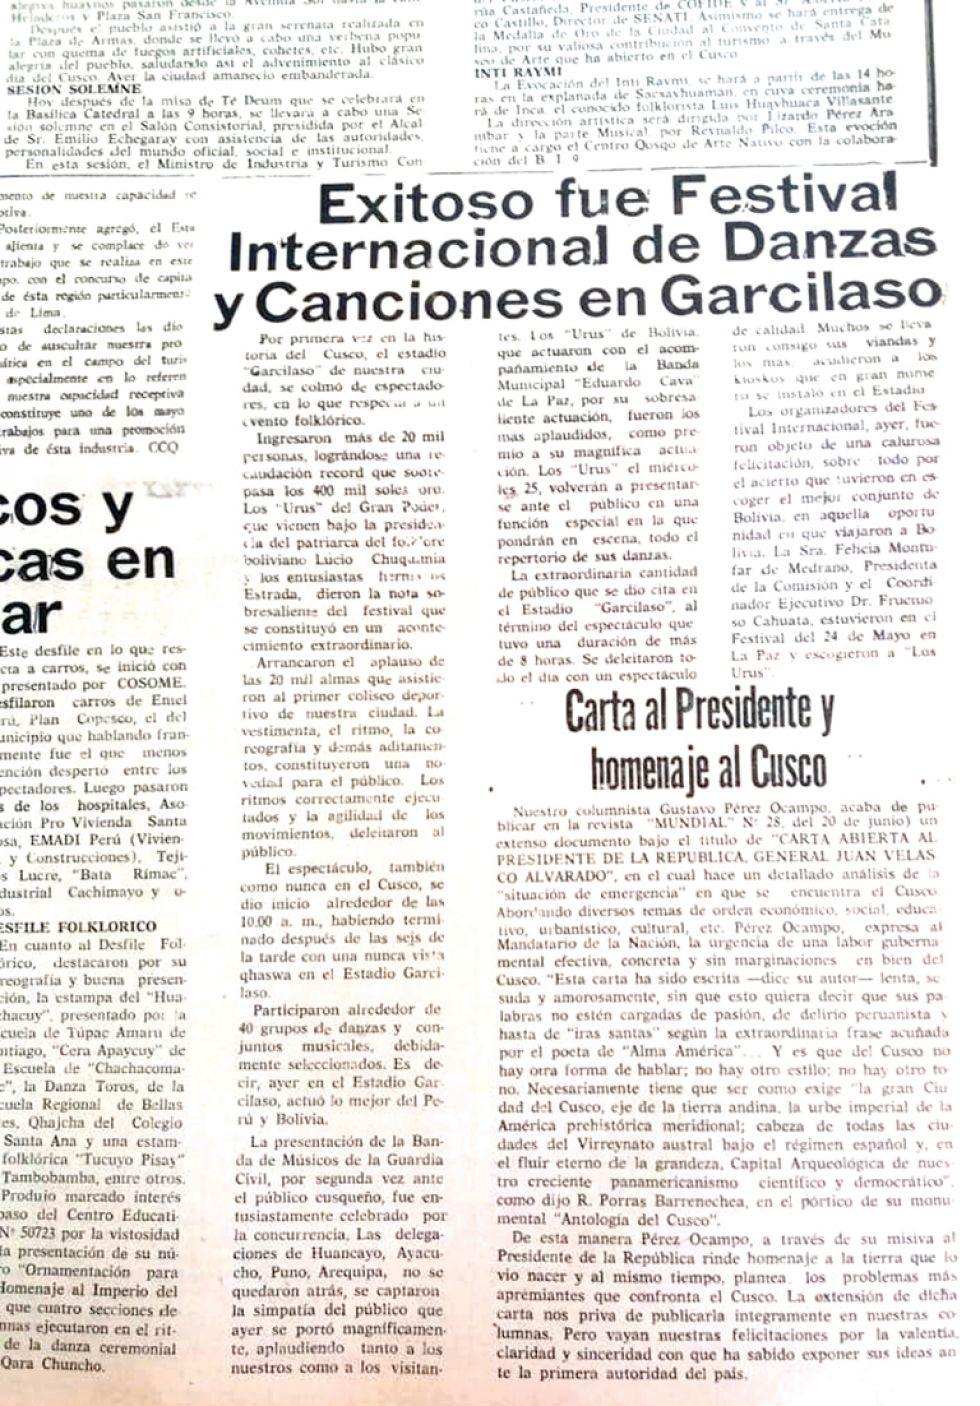 PRUEBAS. Diploma y diario que muestran la participación inédita de caporales bolivianos en Cusco.